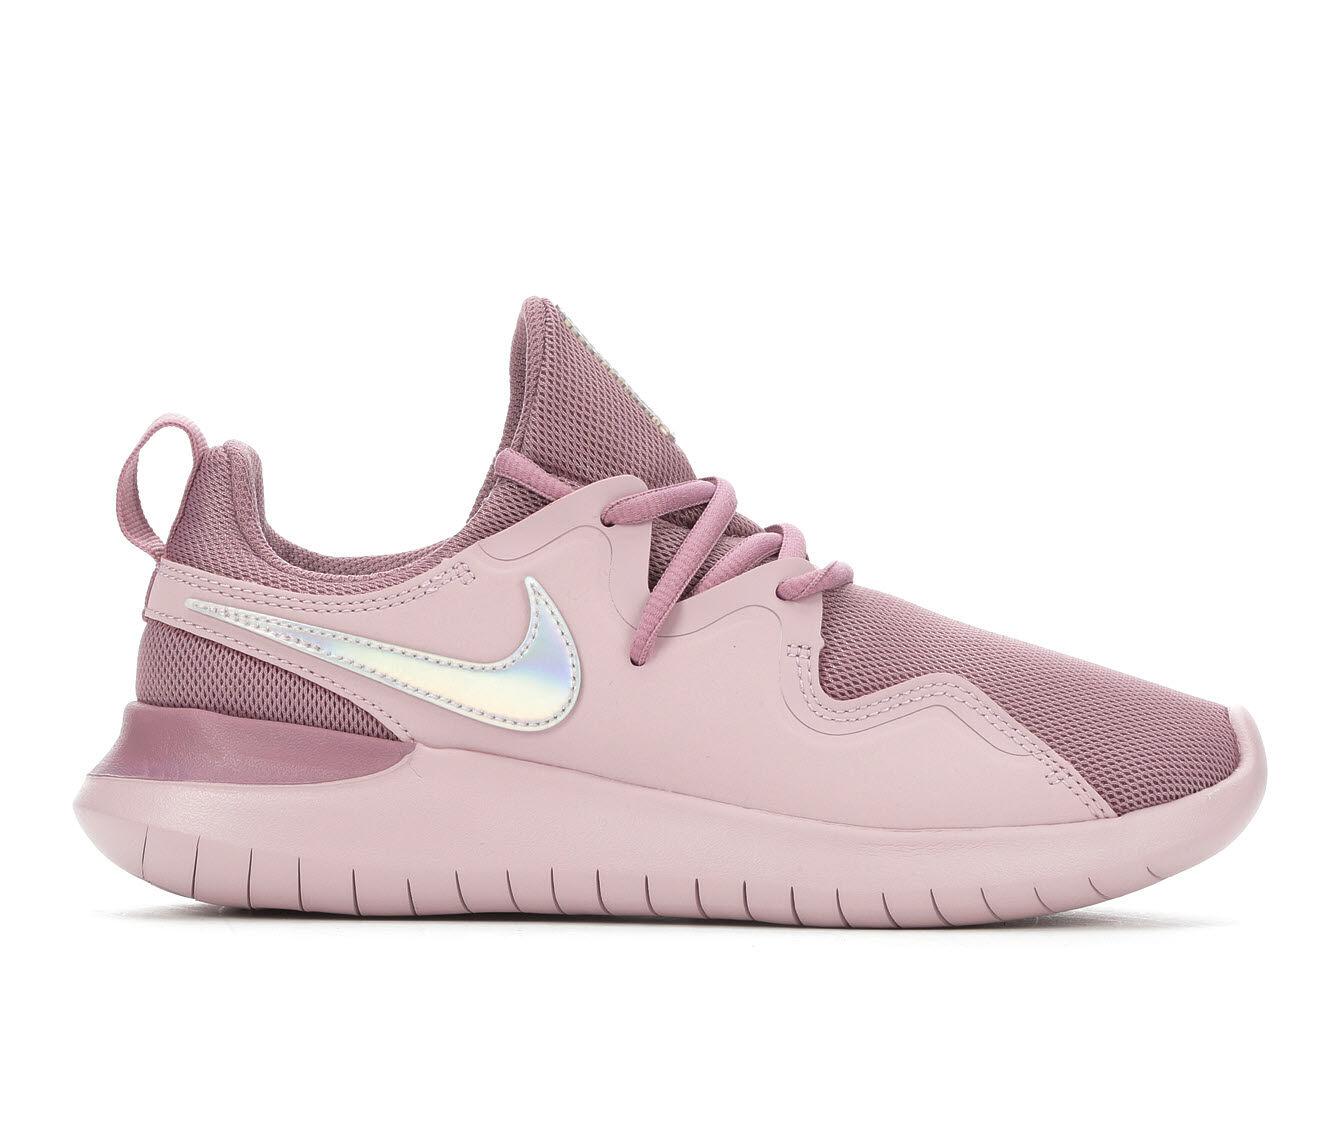 Women's Nike Tessen Sneakers Purple/Slv/Wht